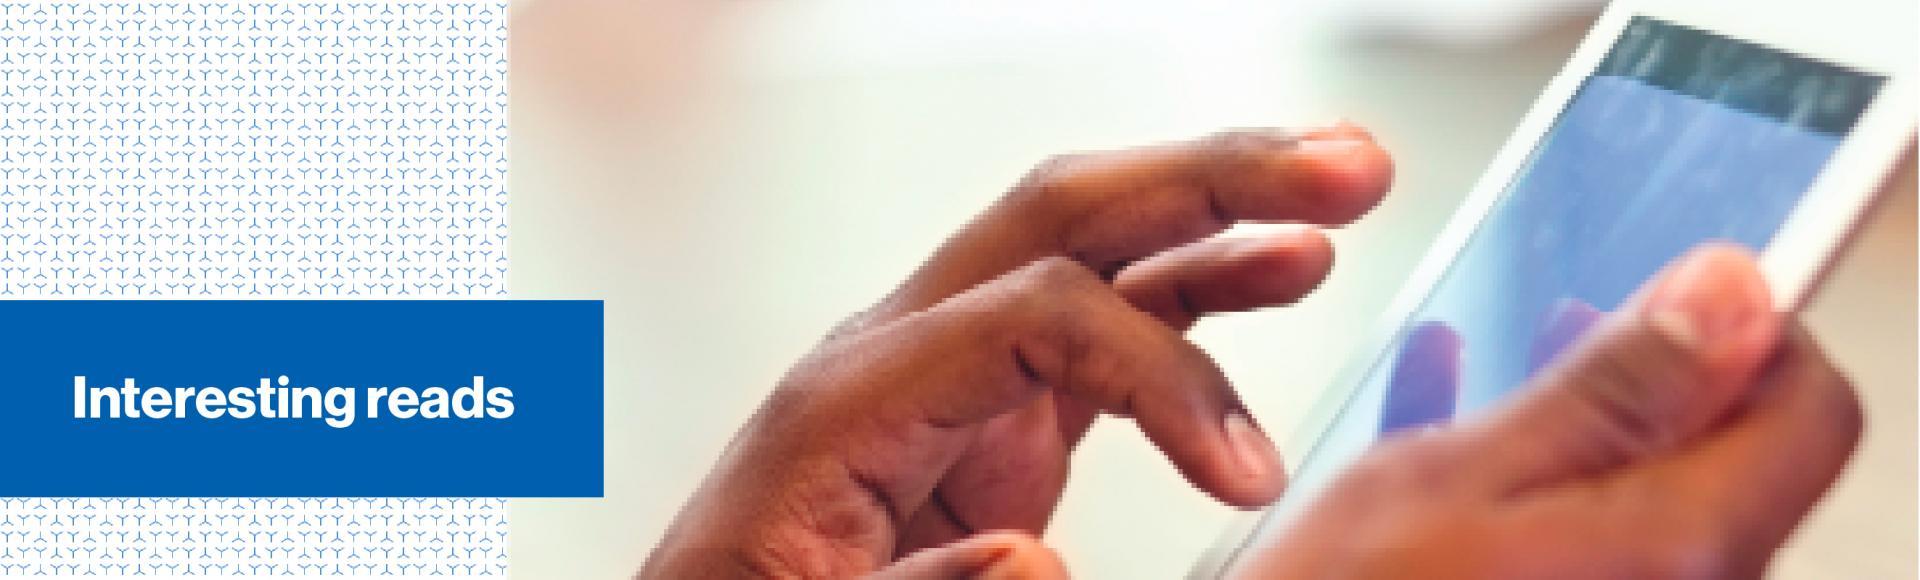 Man's hand touching an iPad screen